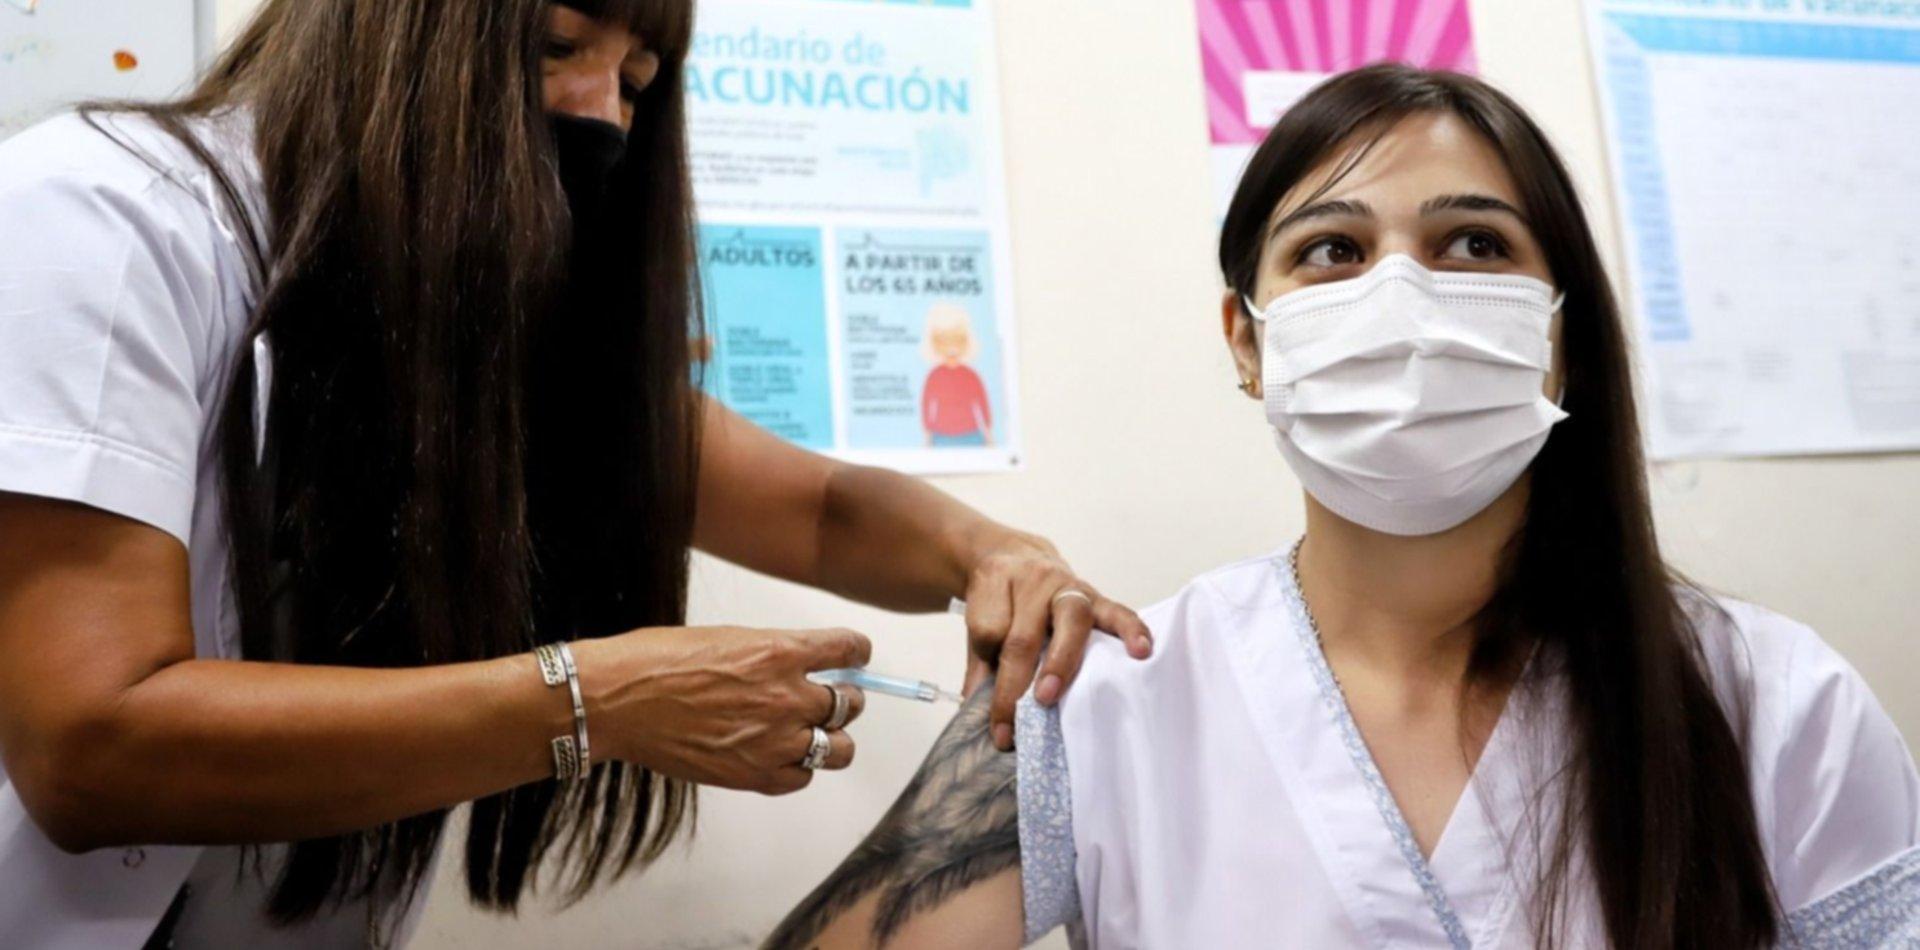 La historia de la enfermera platense que tuvo COVID y fue la primera vacunada del país